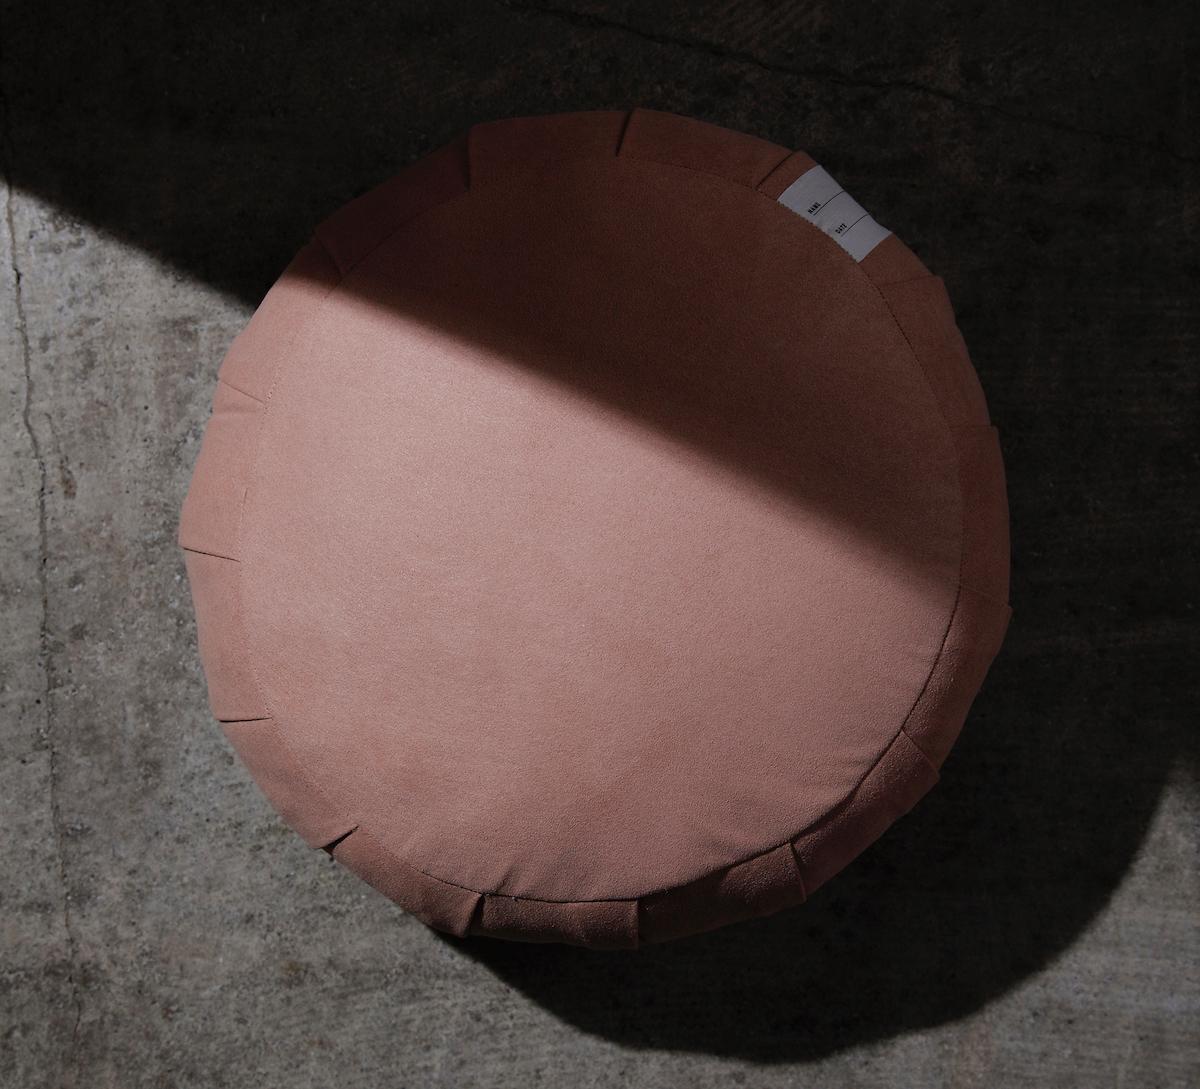 僧侶が坐禅を組む際に使用する「坐禅蒲団」と同じ製法で作られた、伝統的なパンヤを使用した坐禅蒲団(坐蒲)・瞑想用クッション| ZAF(ザフ)